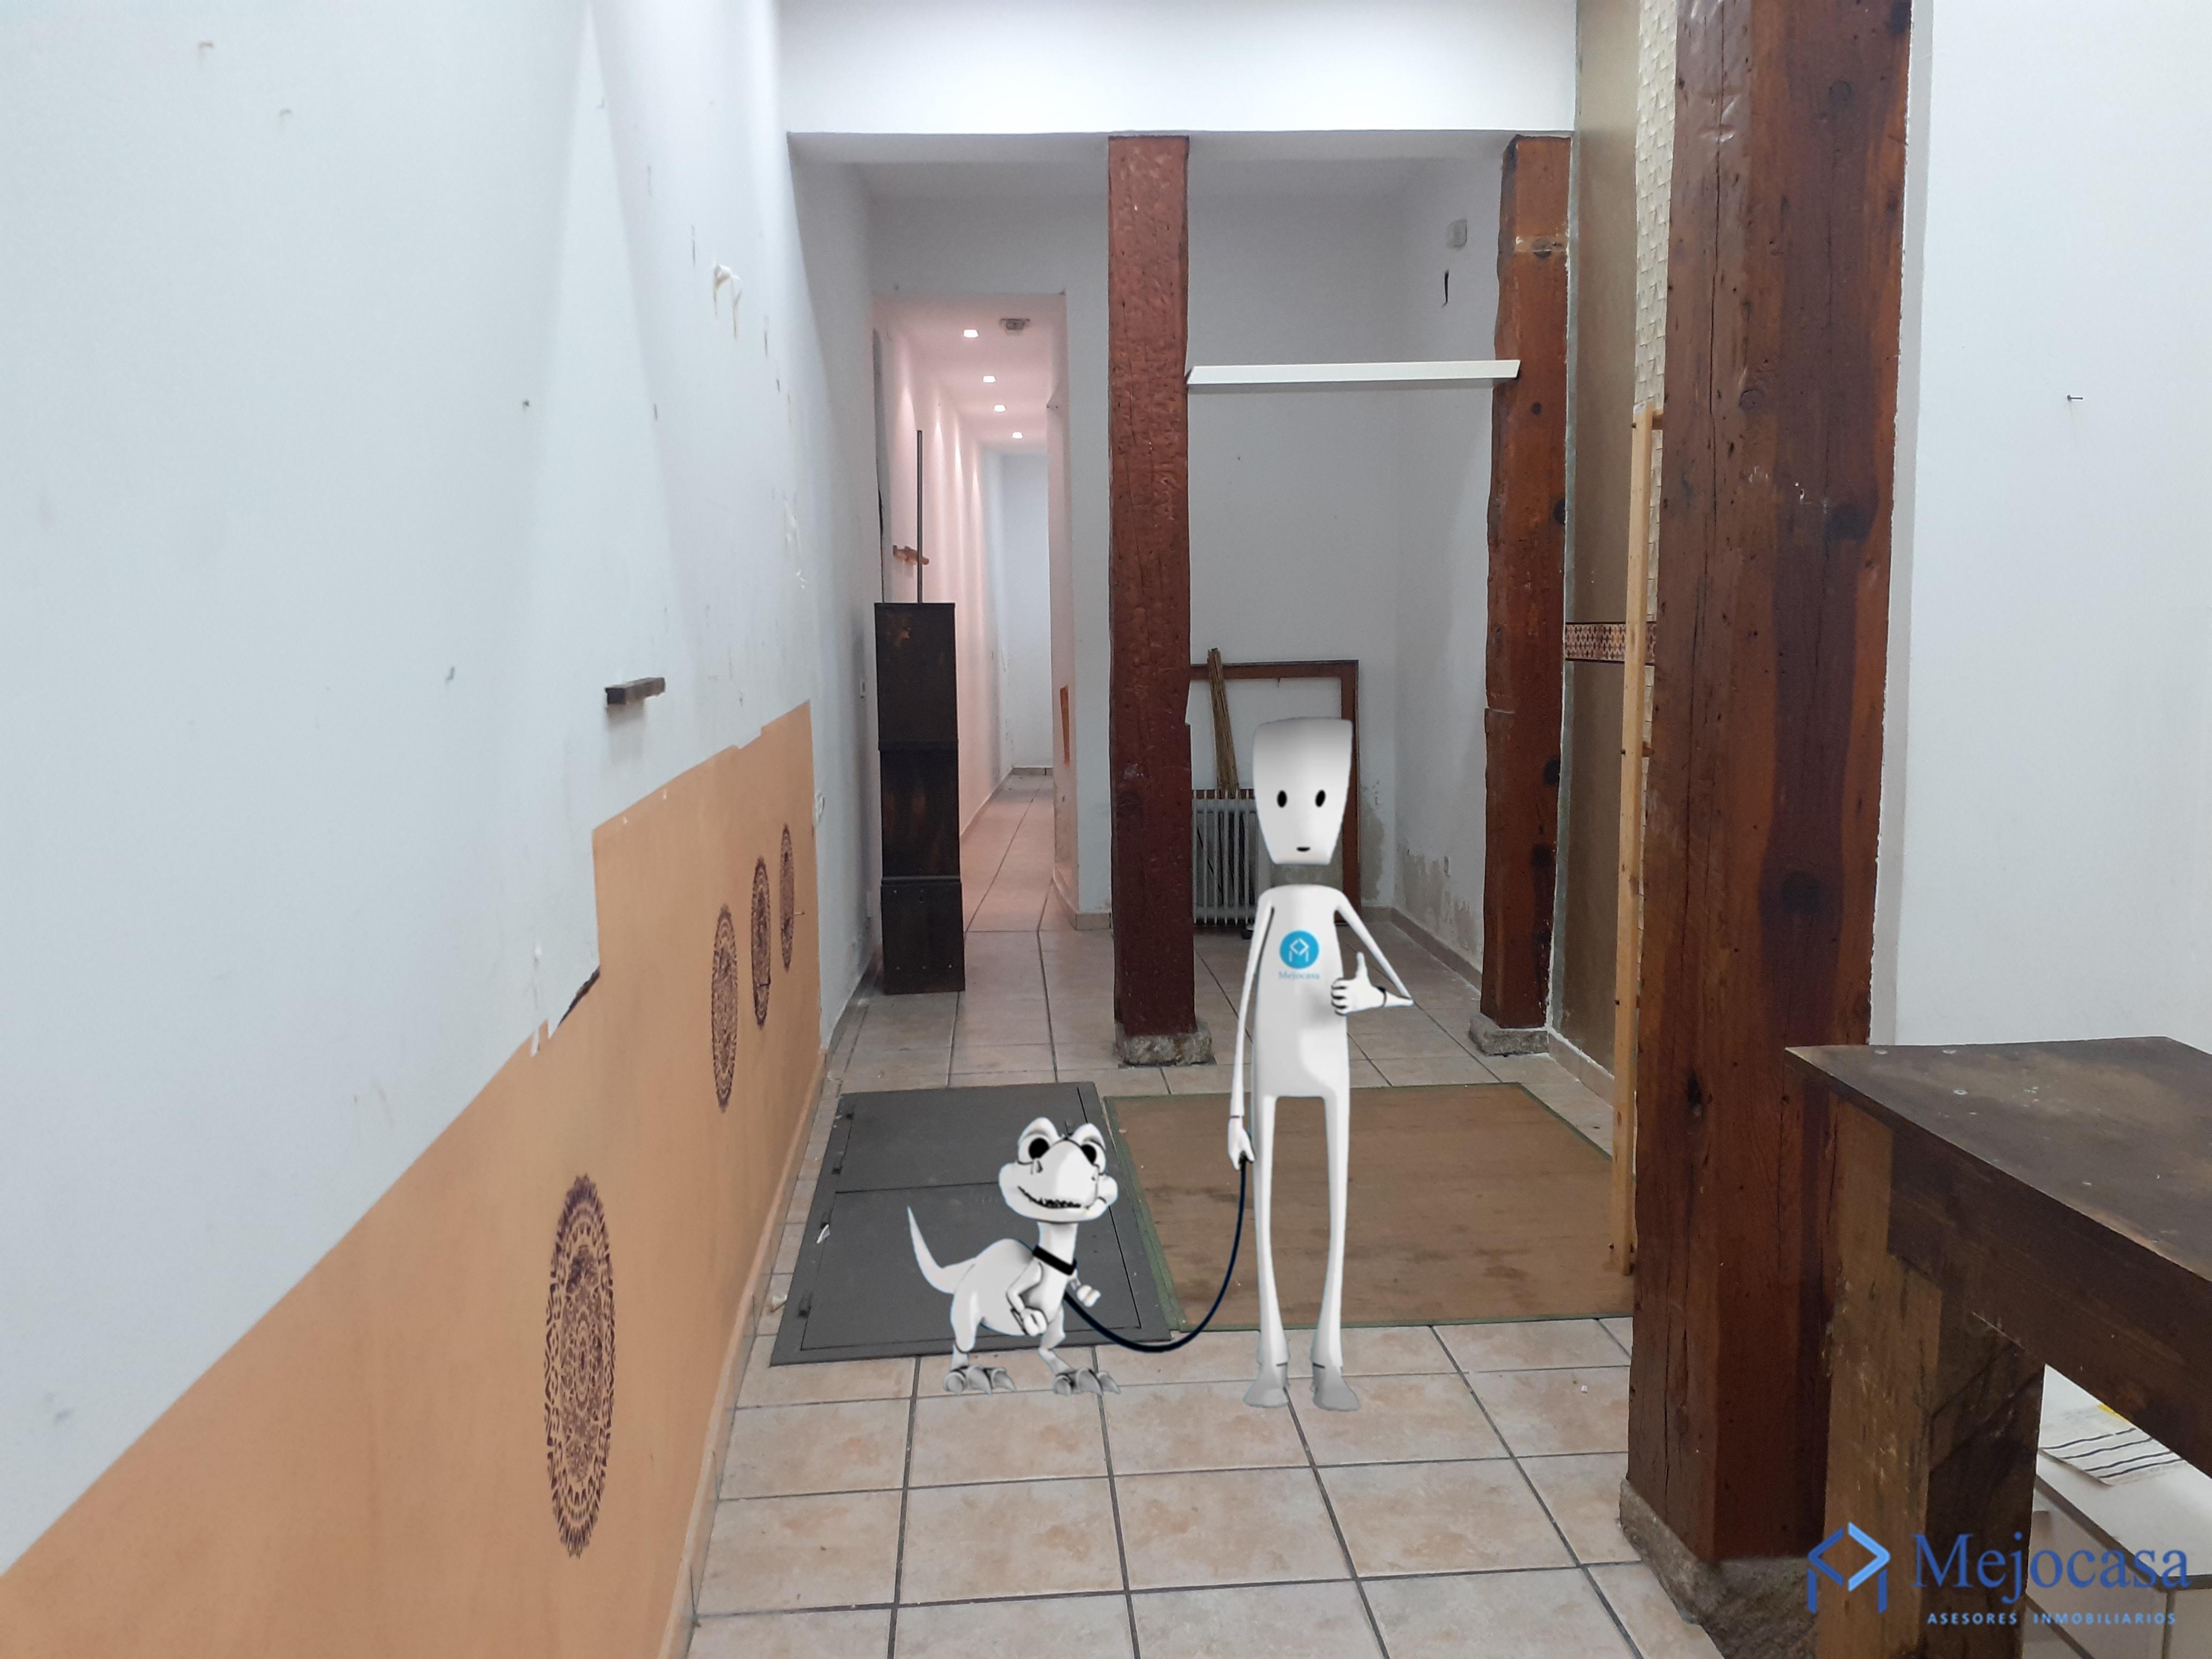 Local en alquiler en calle de Leganitos, 5, Madrid